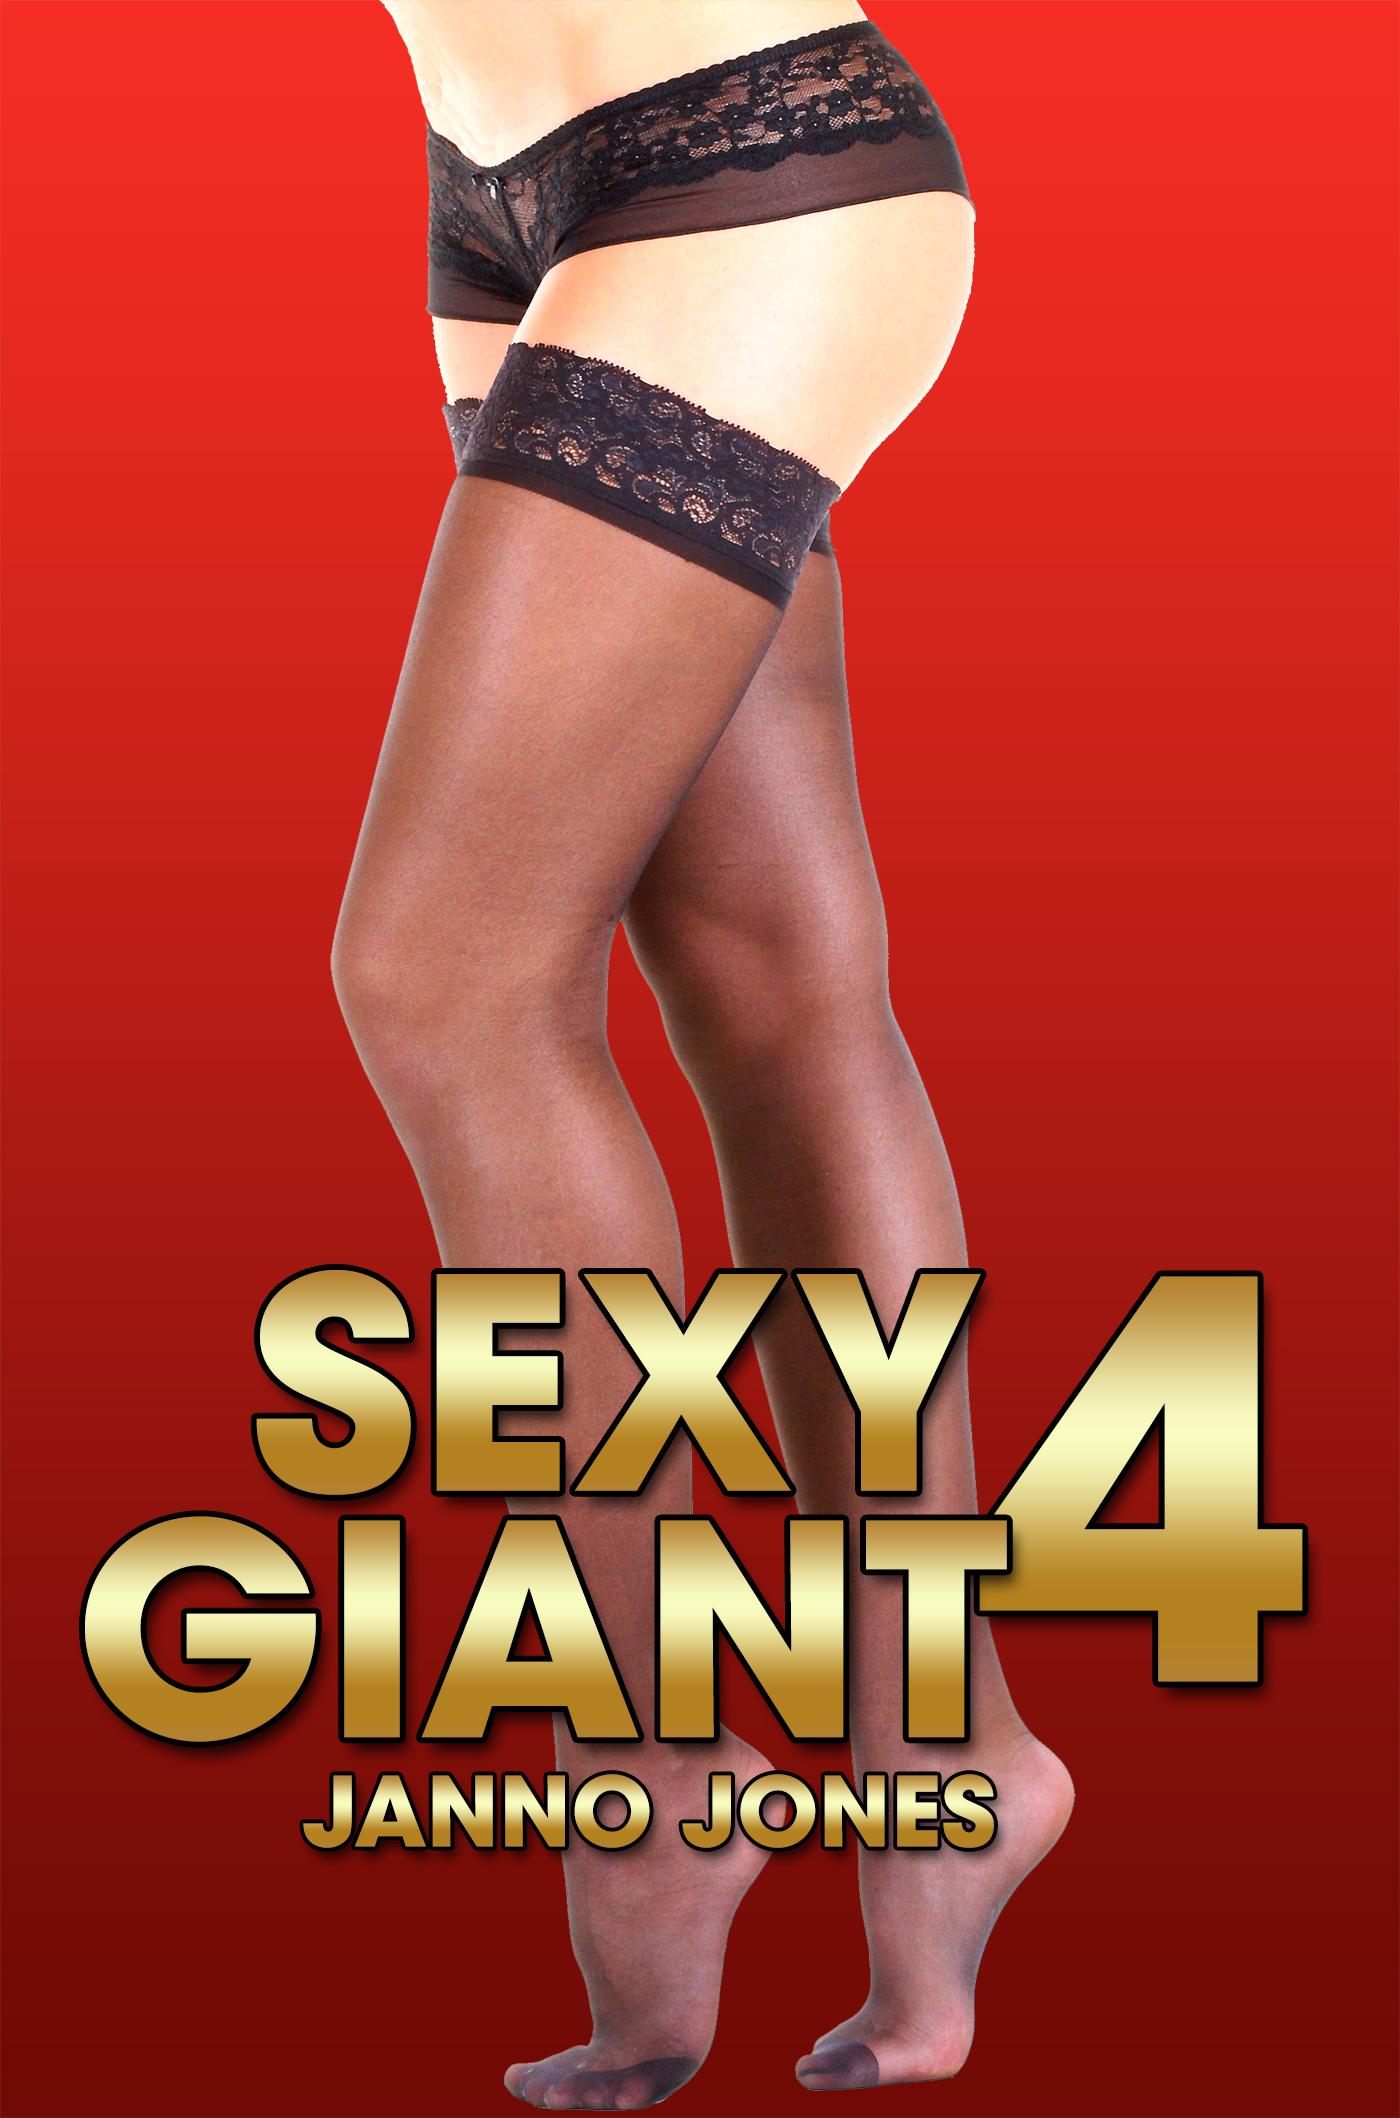 Sextoys for giantess sex film